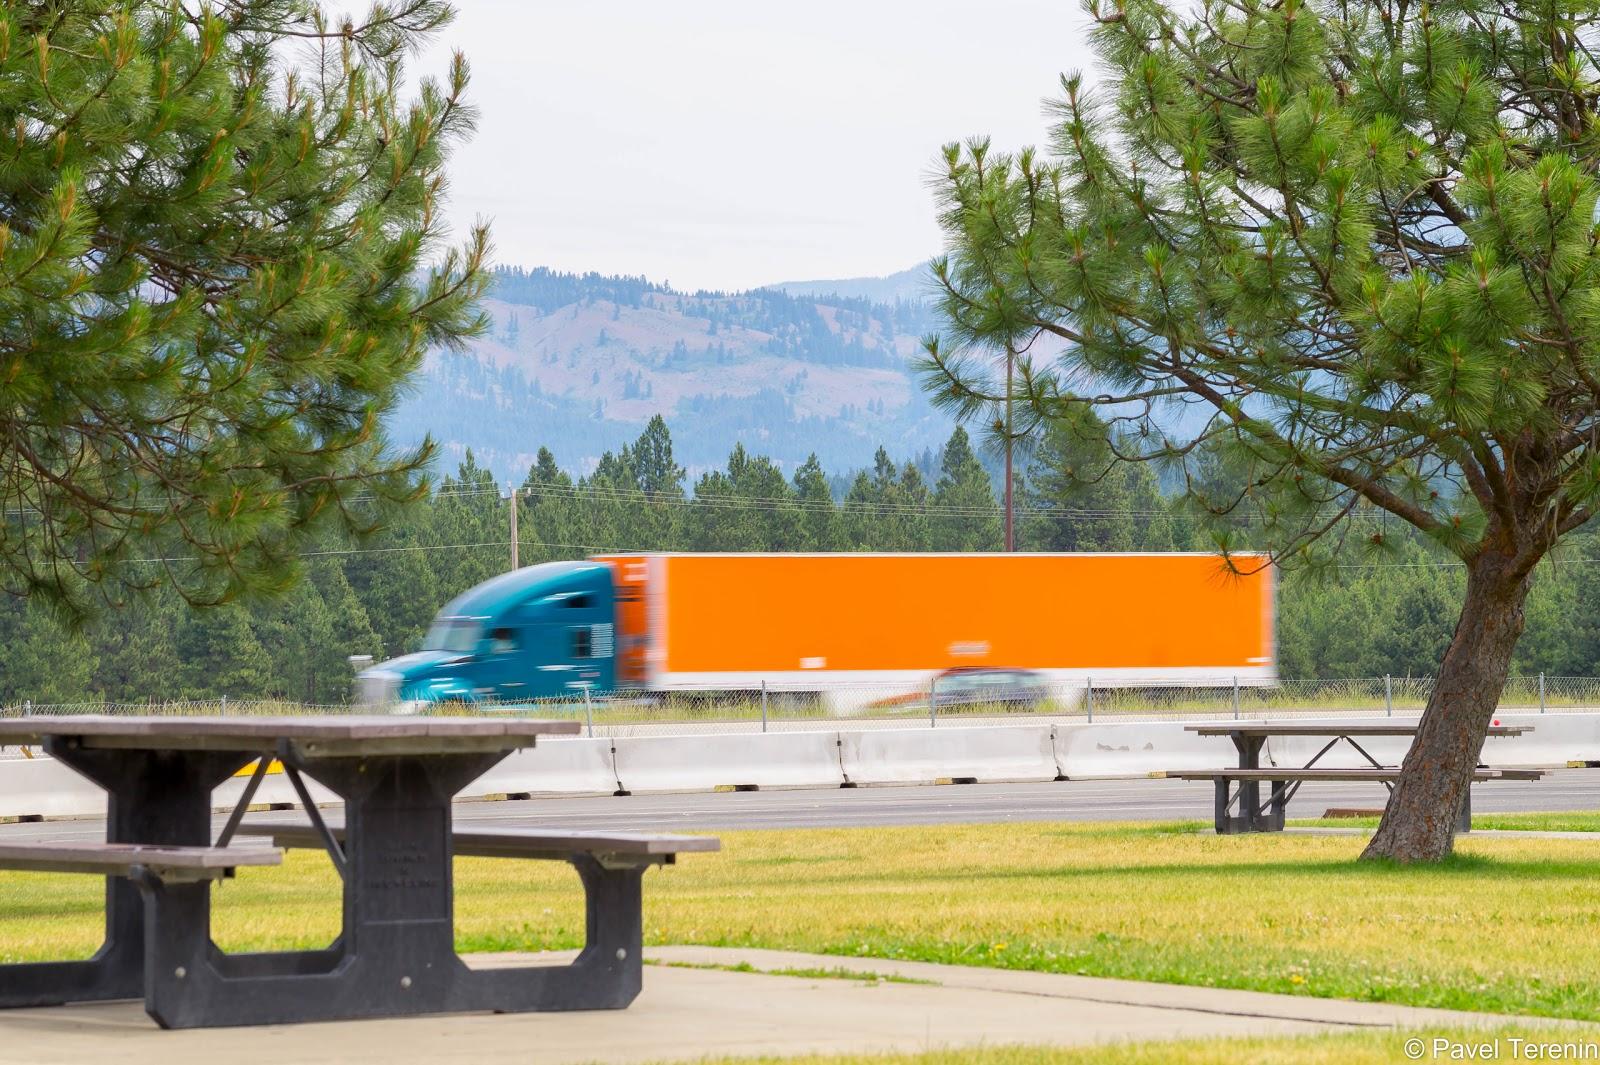 По дороге множество зон отдыха, где можно устроить пикник с видом на горы и на проносящиеся по хайвею грузовики.